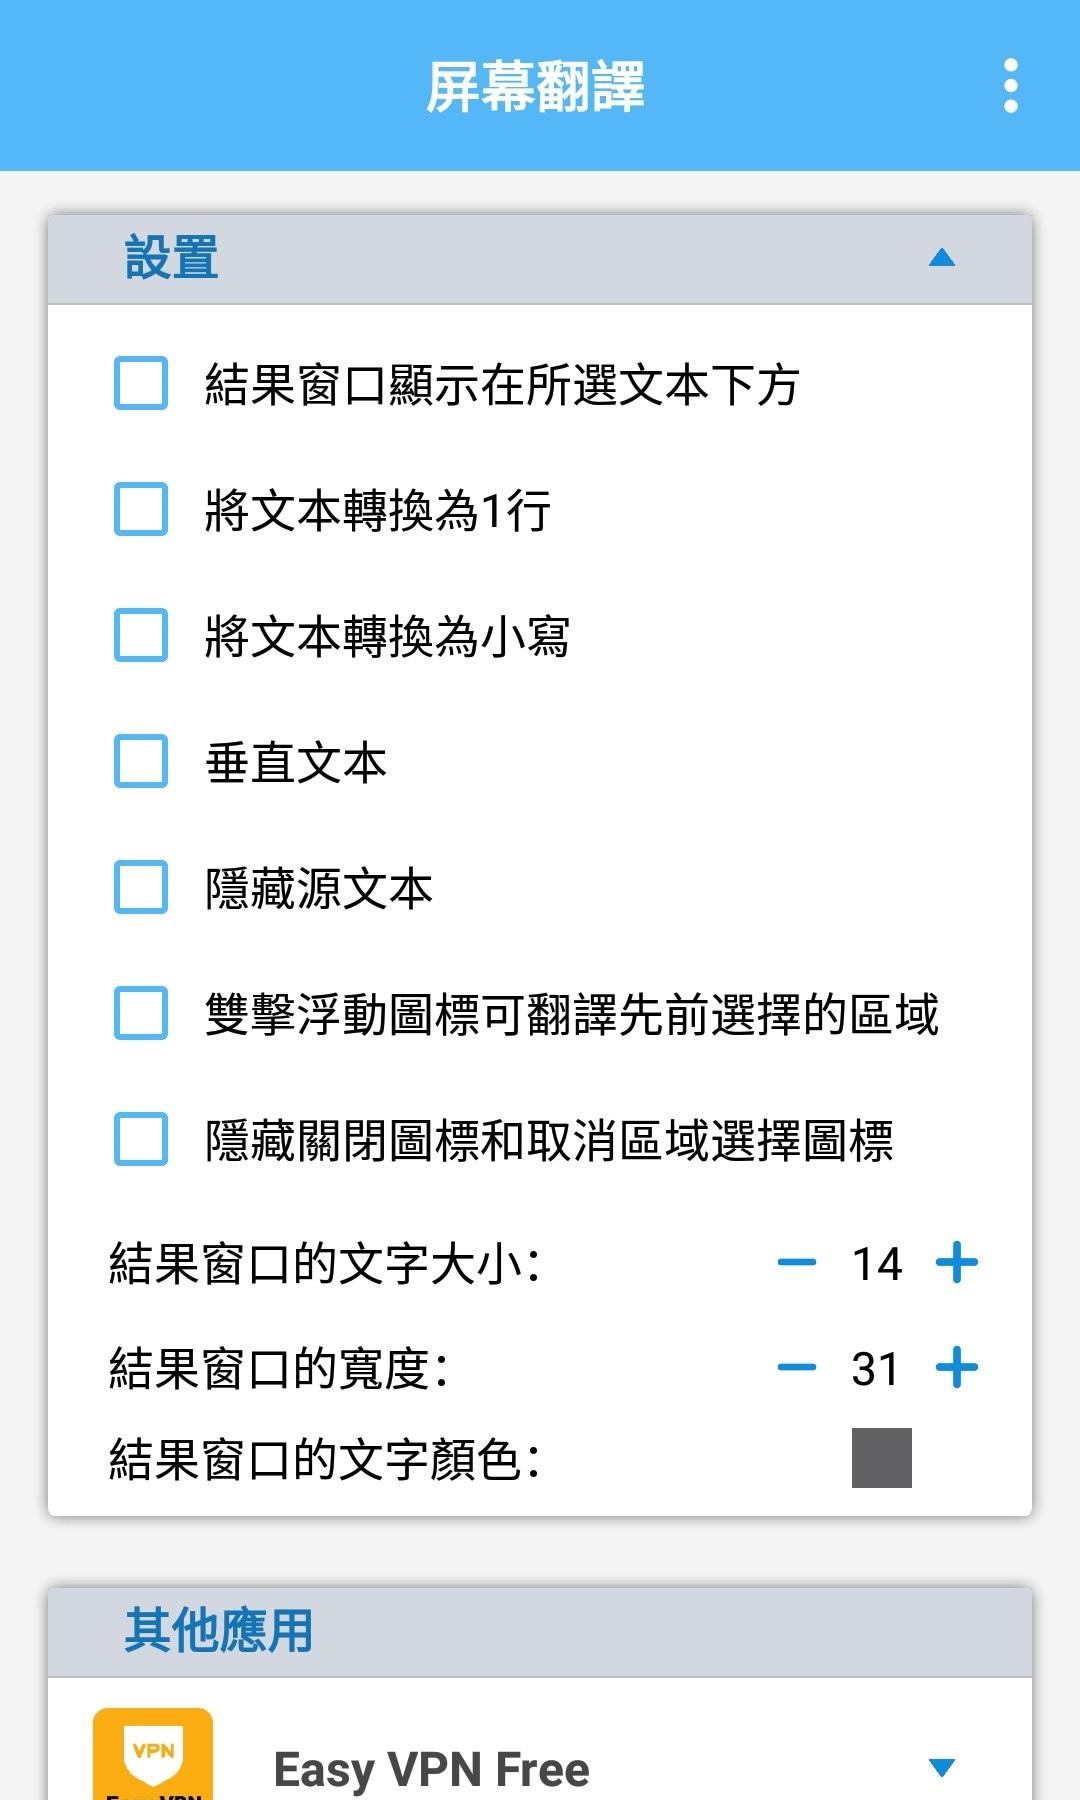 屏幕翻譯 Translate On Screen Premium v1.84 解鎖版 - Google(Android系統)- KTeam論壇